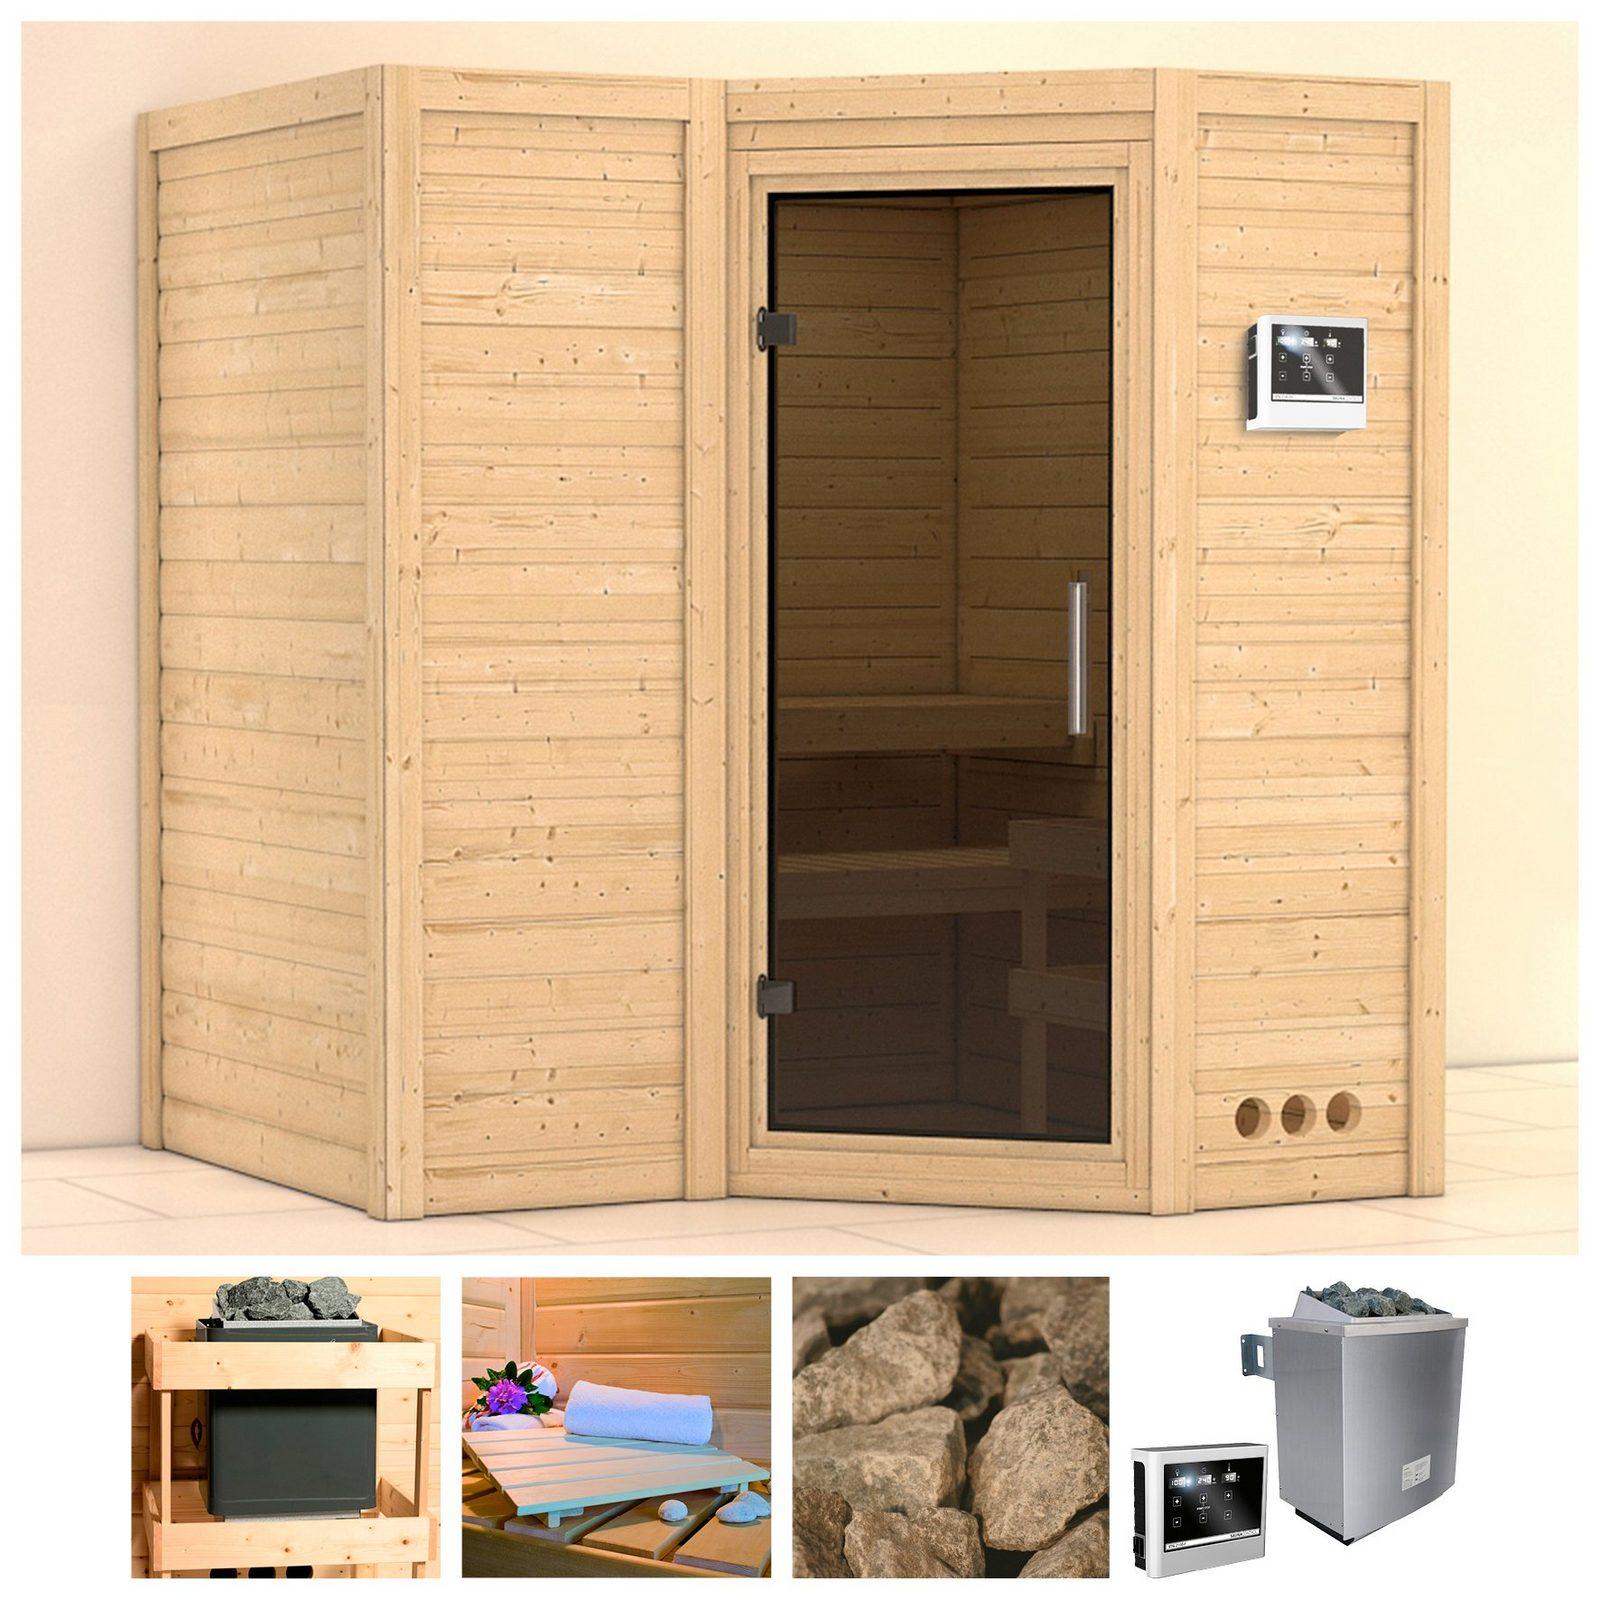 KARIBU Sauna »Sahib 1«, 193/184/206 cm, 9-kW-Ofen mit ext. Steuerung, Glastür grafit